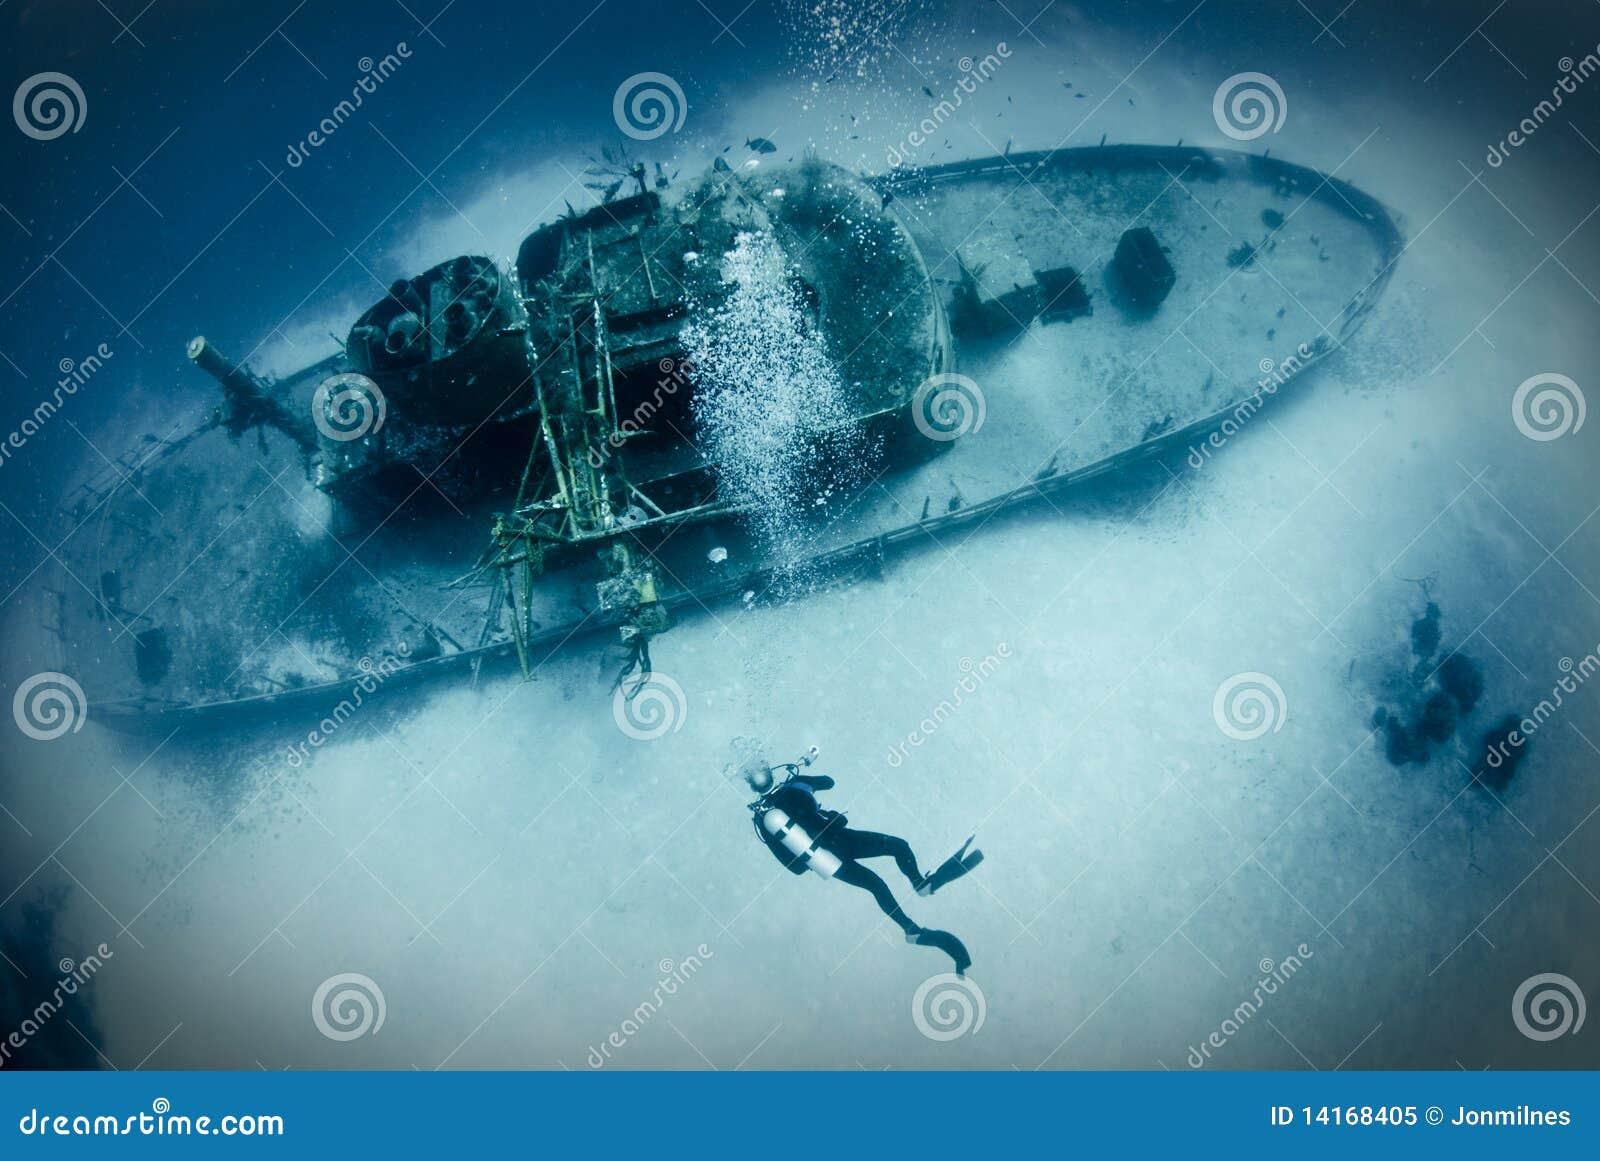 развалина корабля водолаза